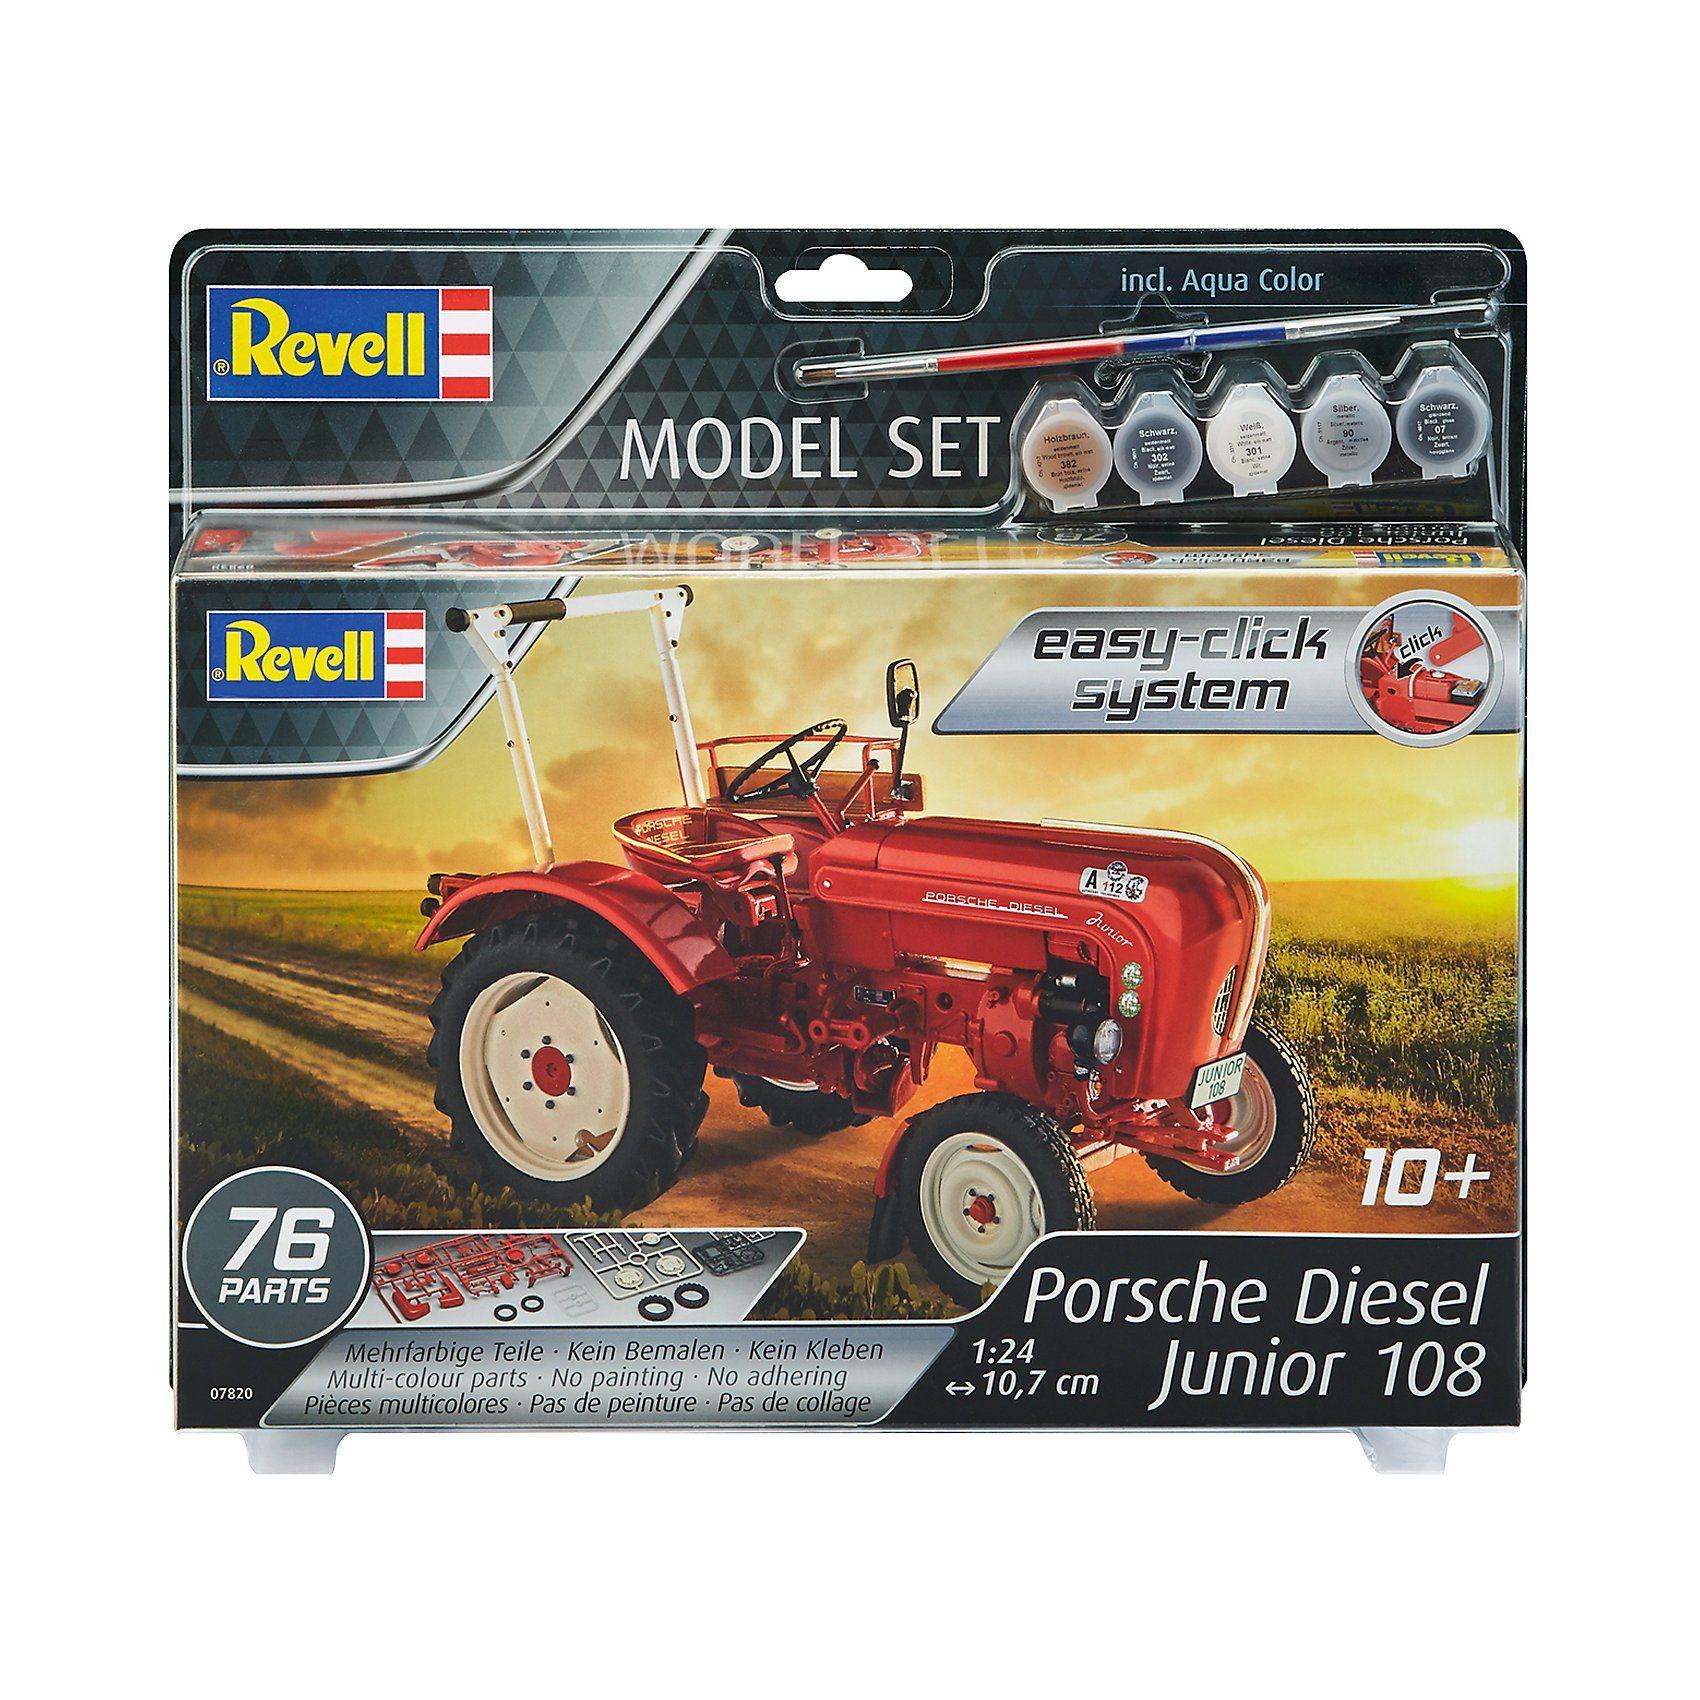 Revell® Model Set Porsche Junior 108